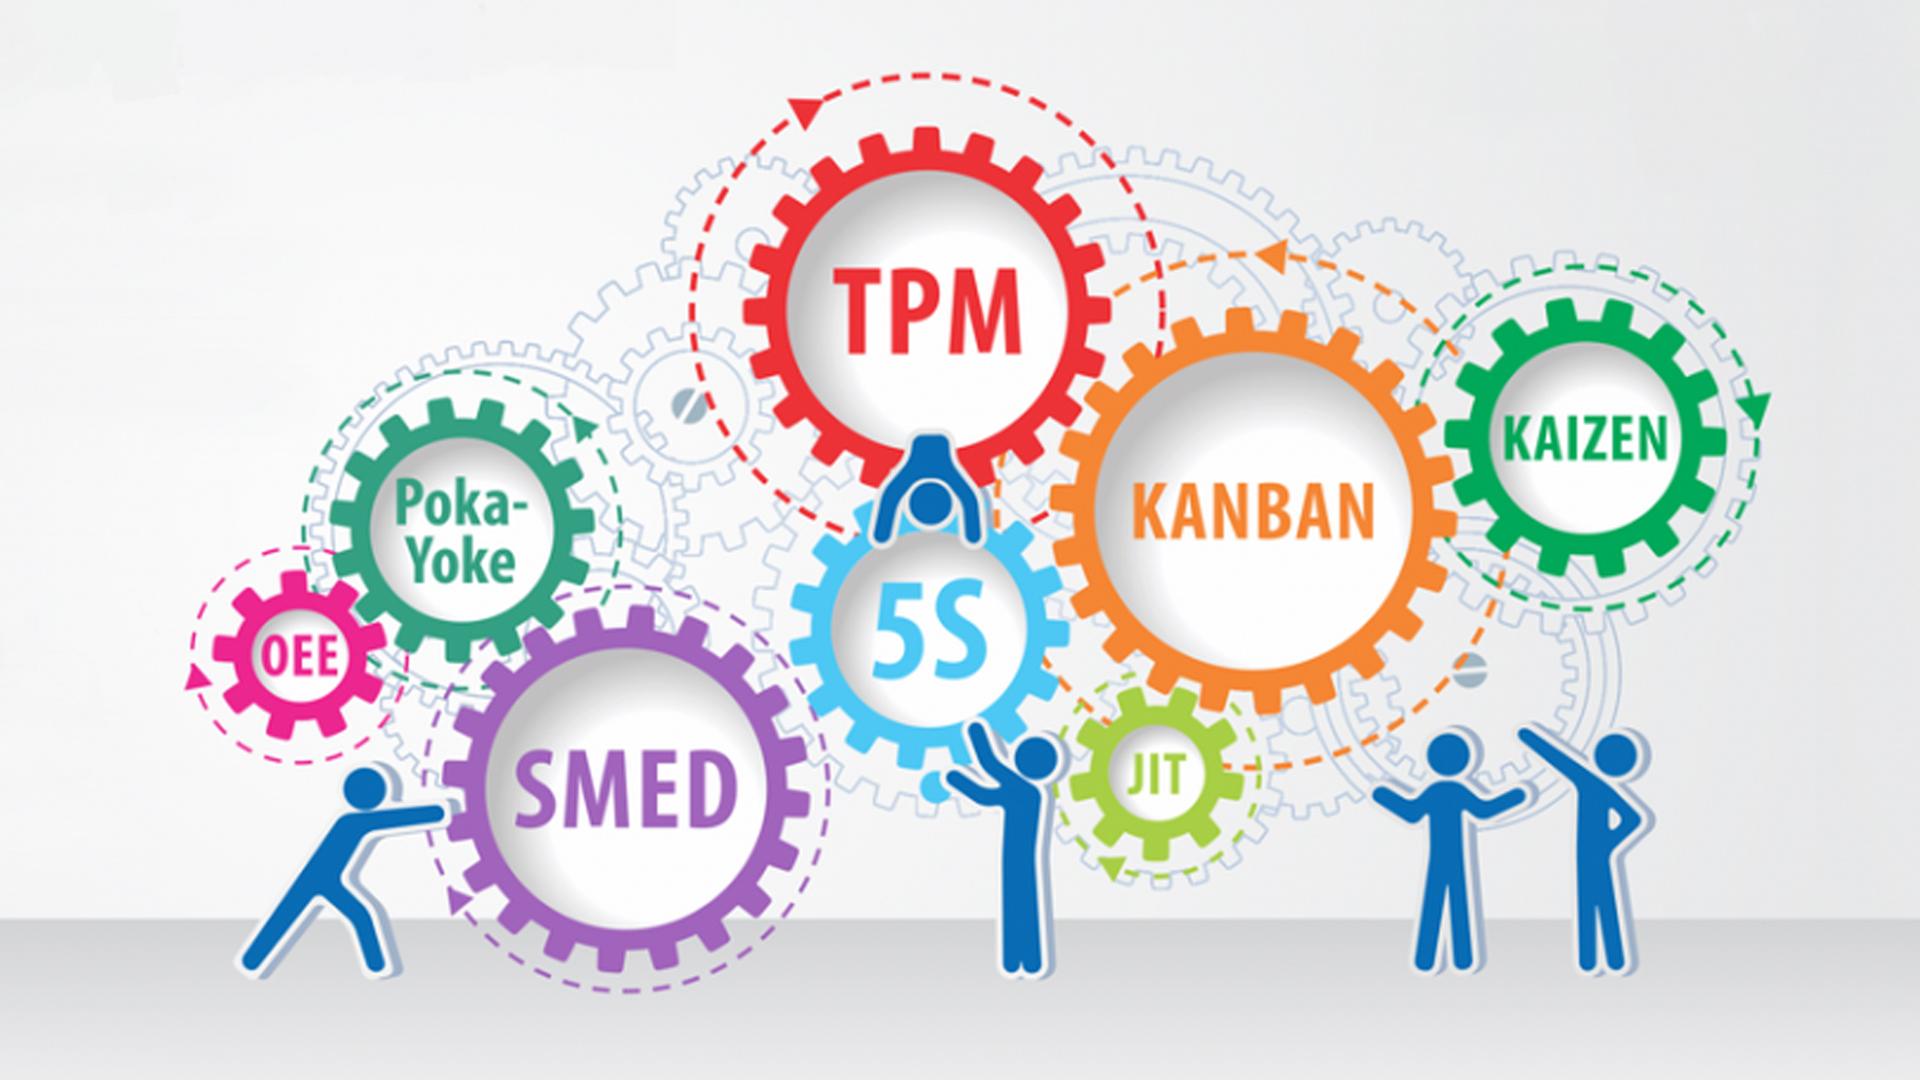 Course Image Разработка управленческих решений по внедрению инструментов бережливого производства